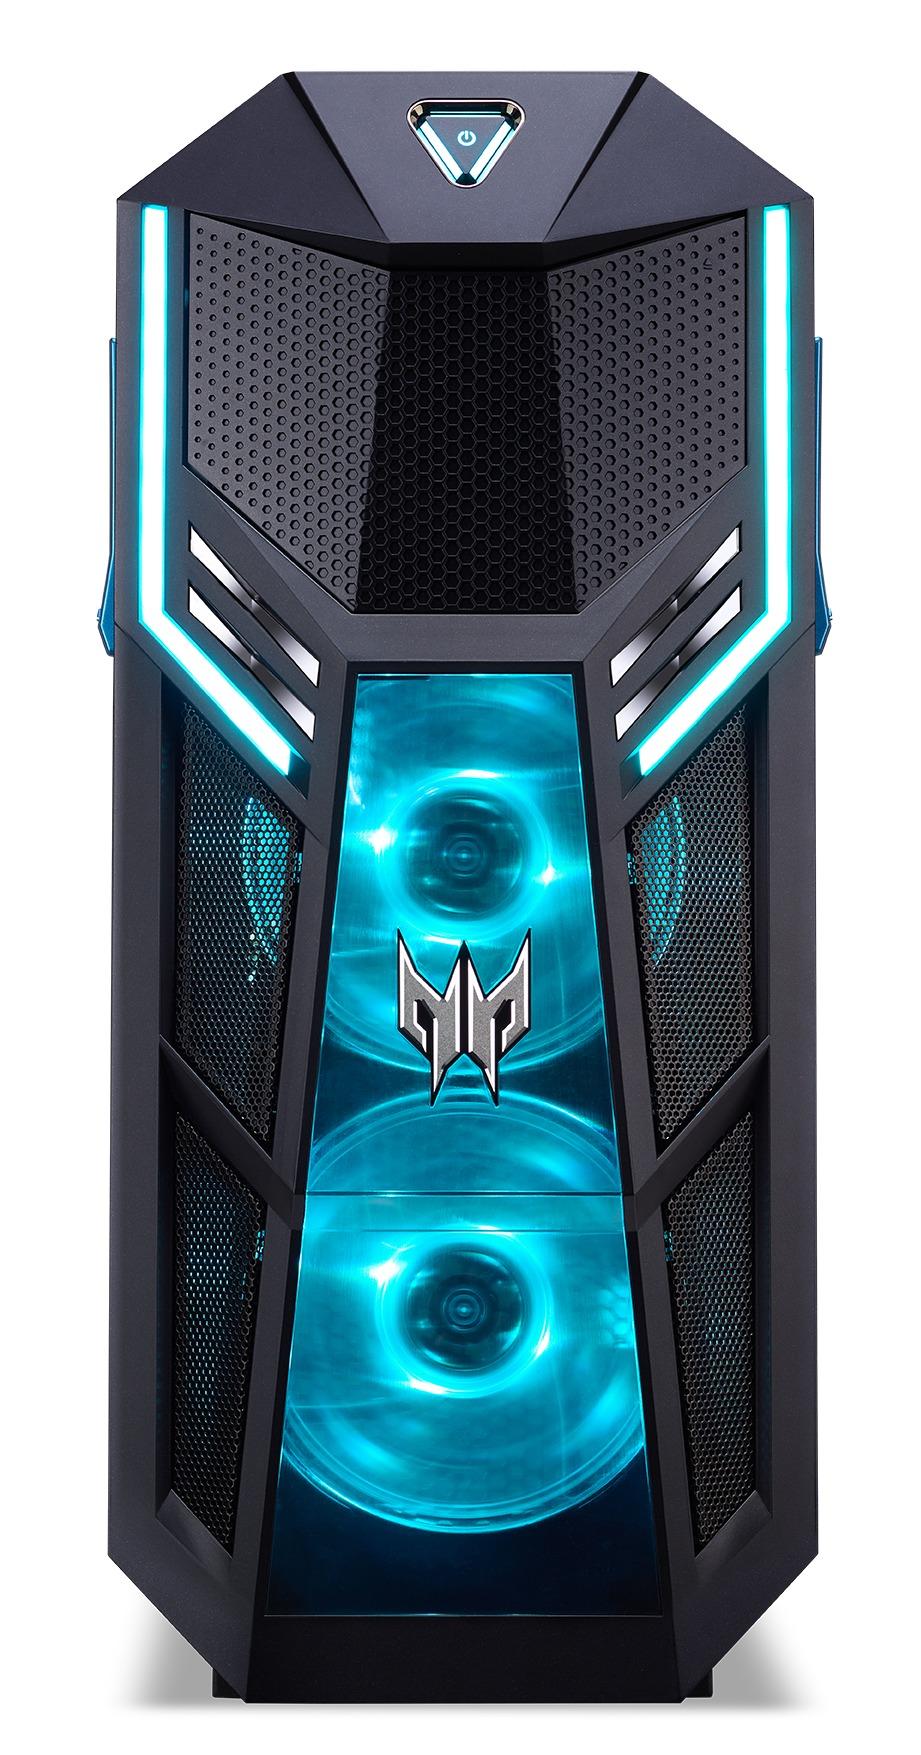 Afbeelding van Acer desktop Predator Orion 5000 600S I9022 zwart